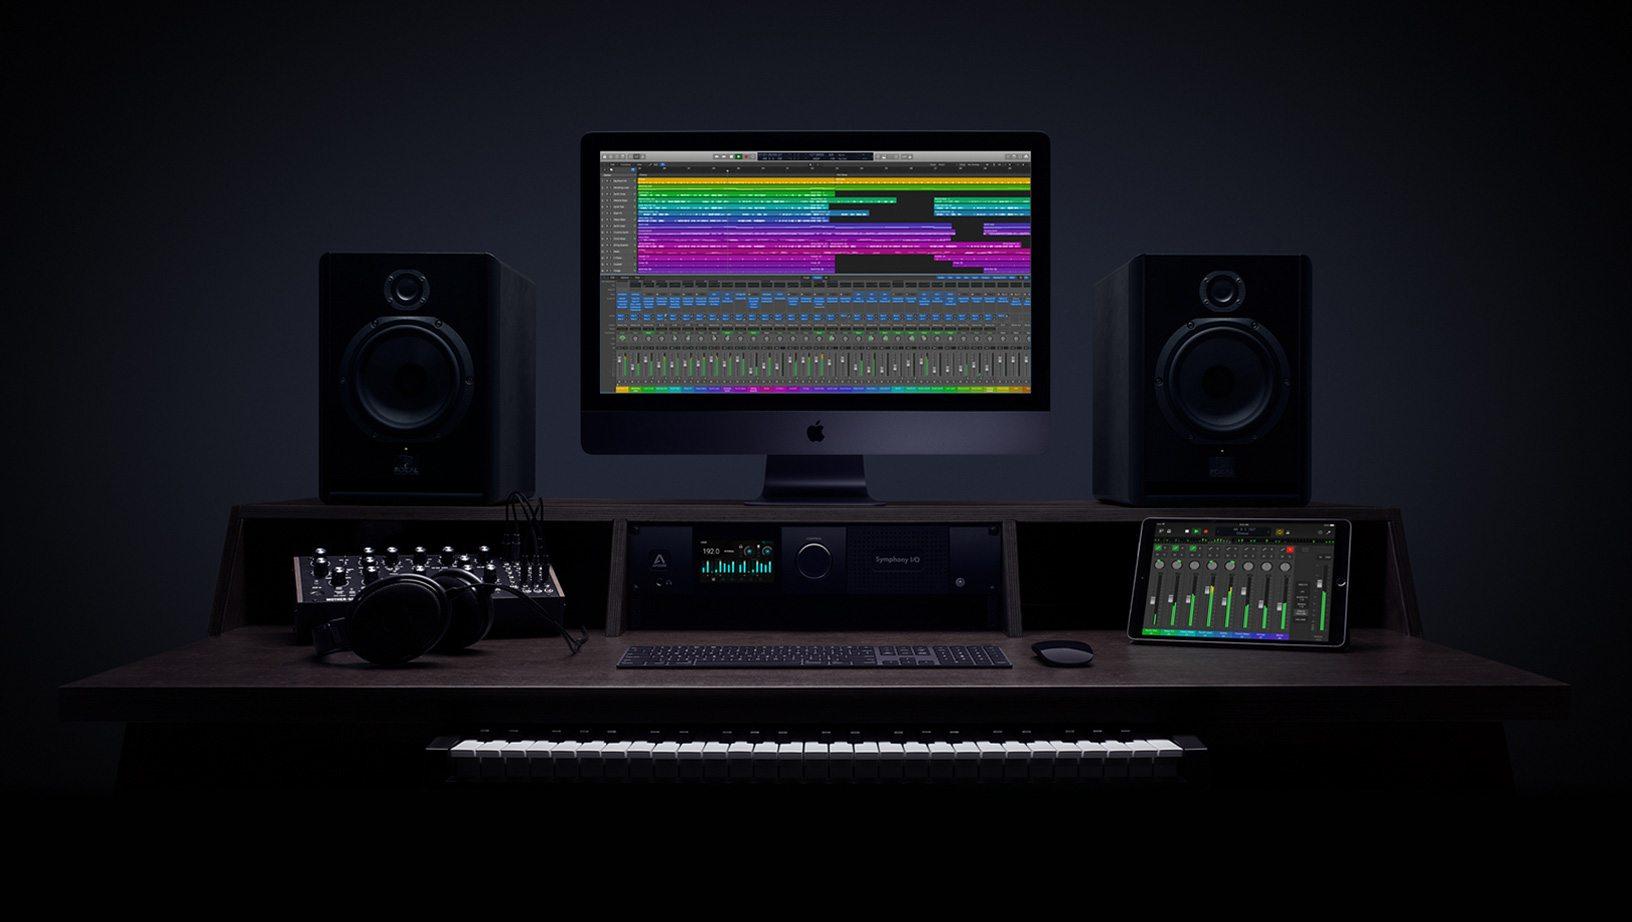 L'ultimo update di Logic Pro X include una tecnologia di rilevamento del tempo e una serie di nuovi plug-in di effetti.